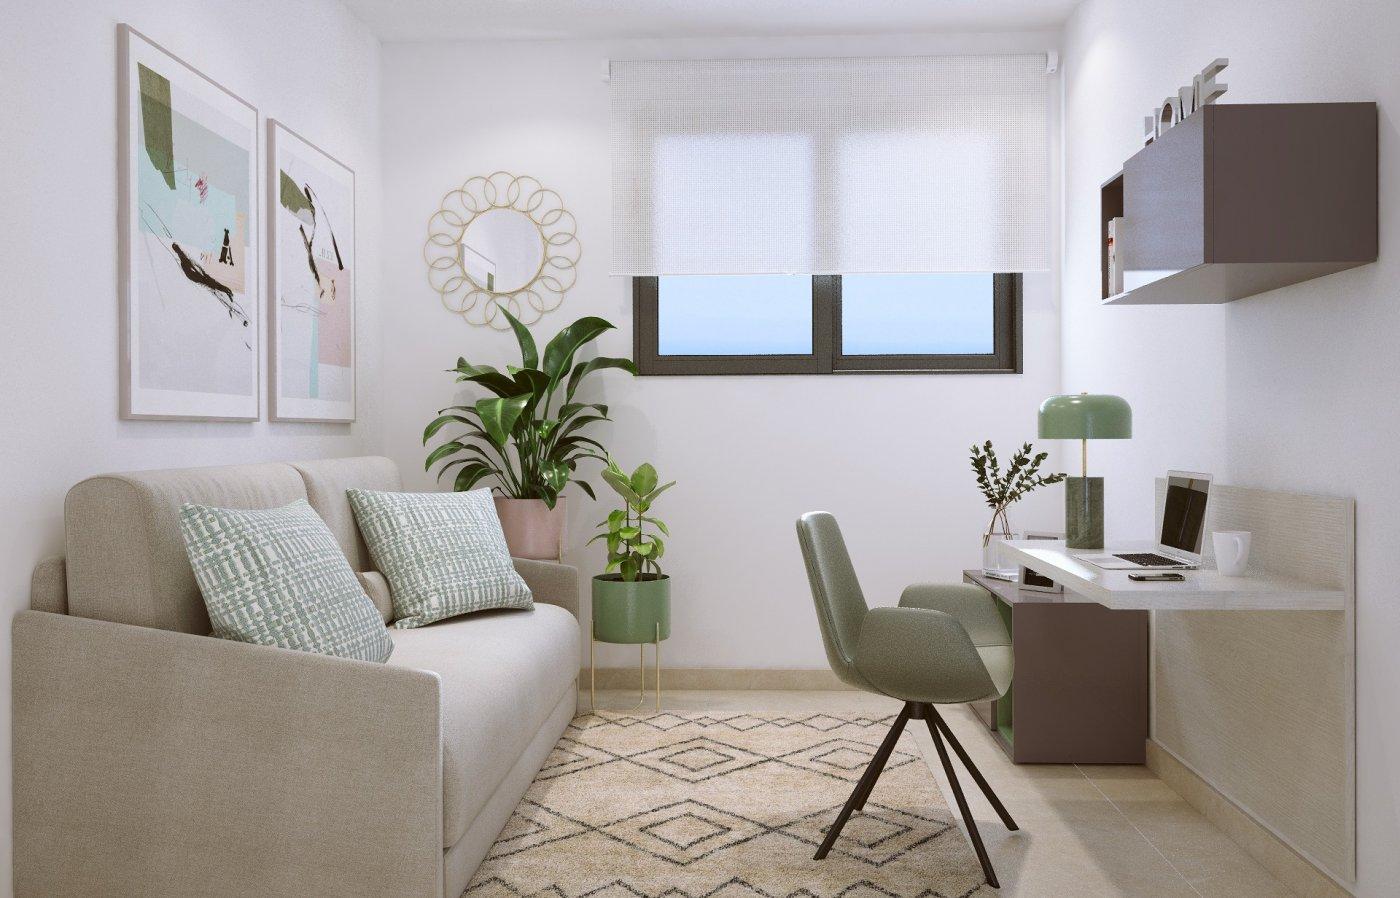 Property for sale - Apartment · 1ª Linea - Estate Agents Altea